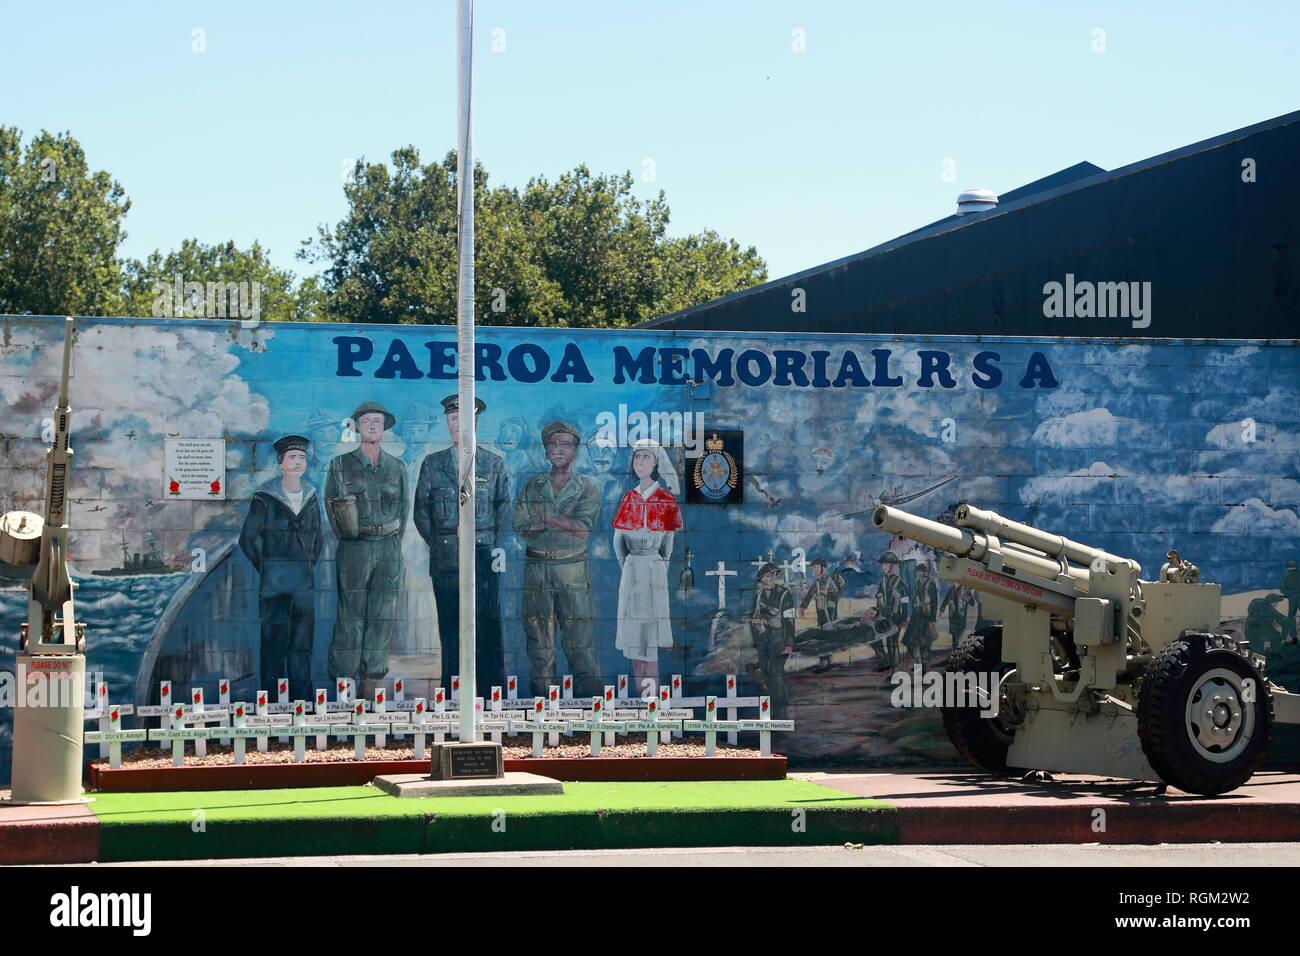 Murale colorée au mémorial de Paeroa R S A dans Belmont Rd, Paeroa, Nouvelle-Zélande Photo Stock